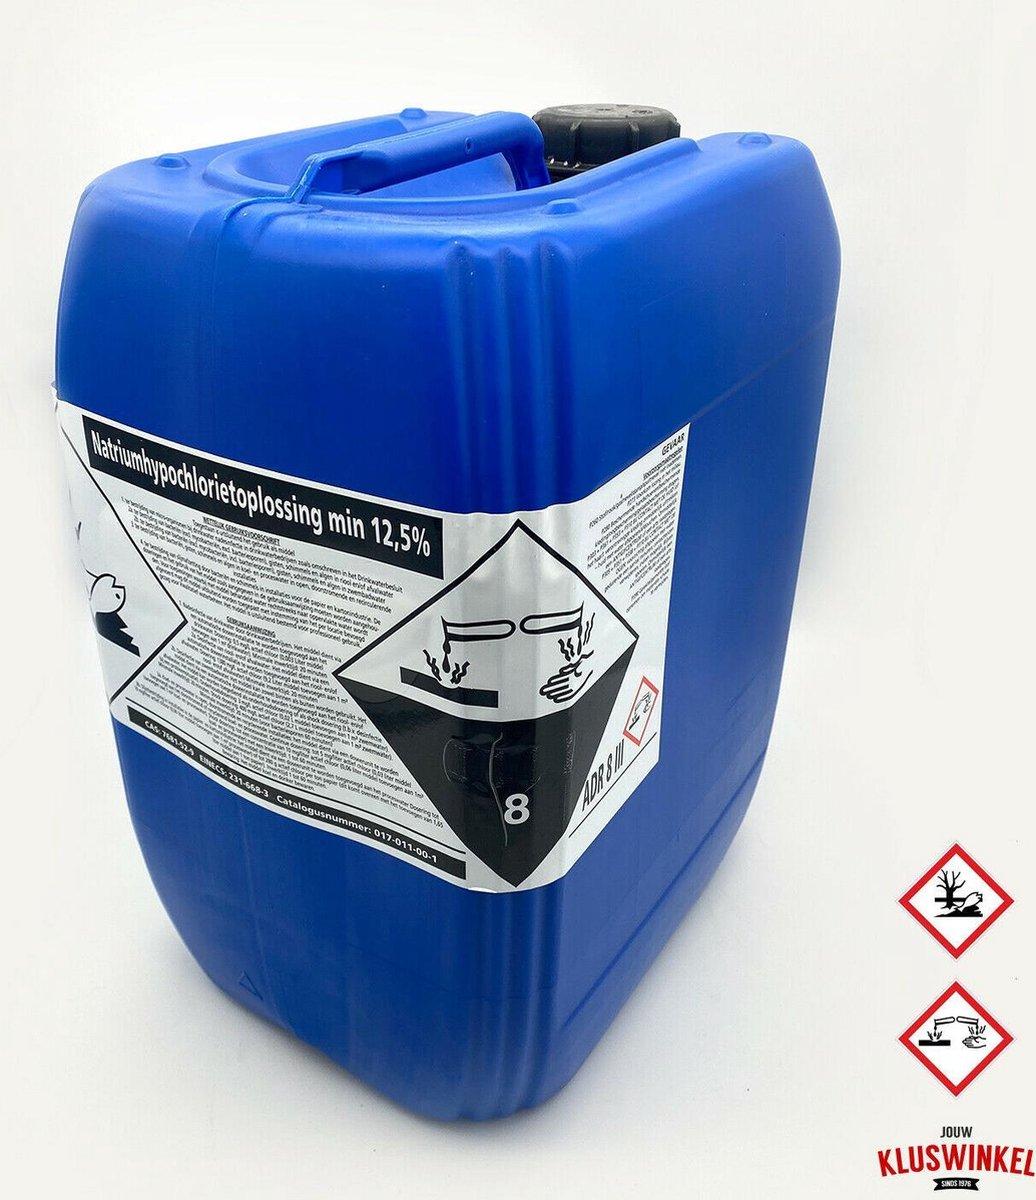 Vloeibaar Chloor 25 liter - Zwembad chloor - Shock chloor - Natriumhypochlorietoplossing 12,5% - Reinigings middel - Zwembad verzorging